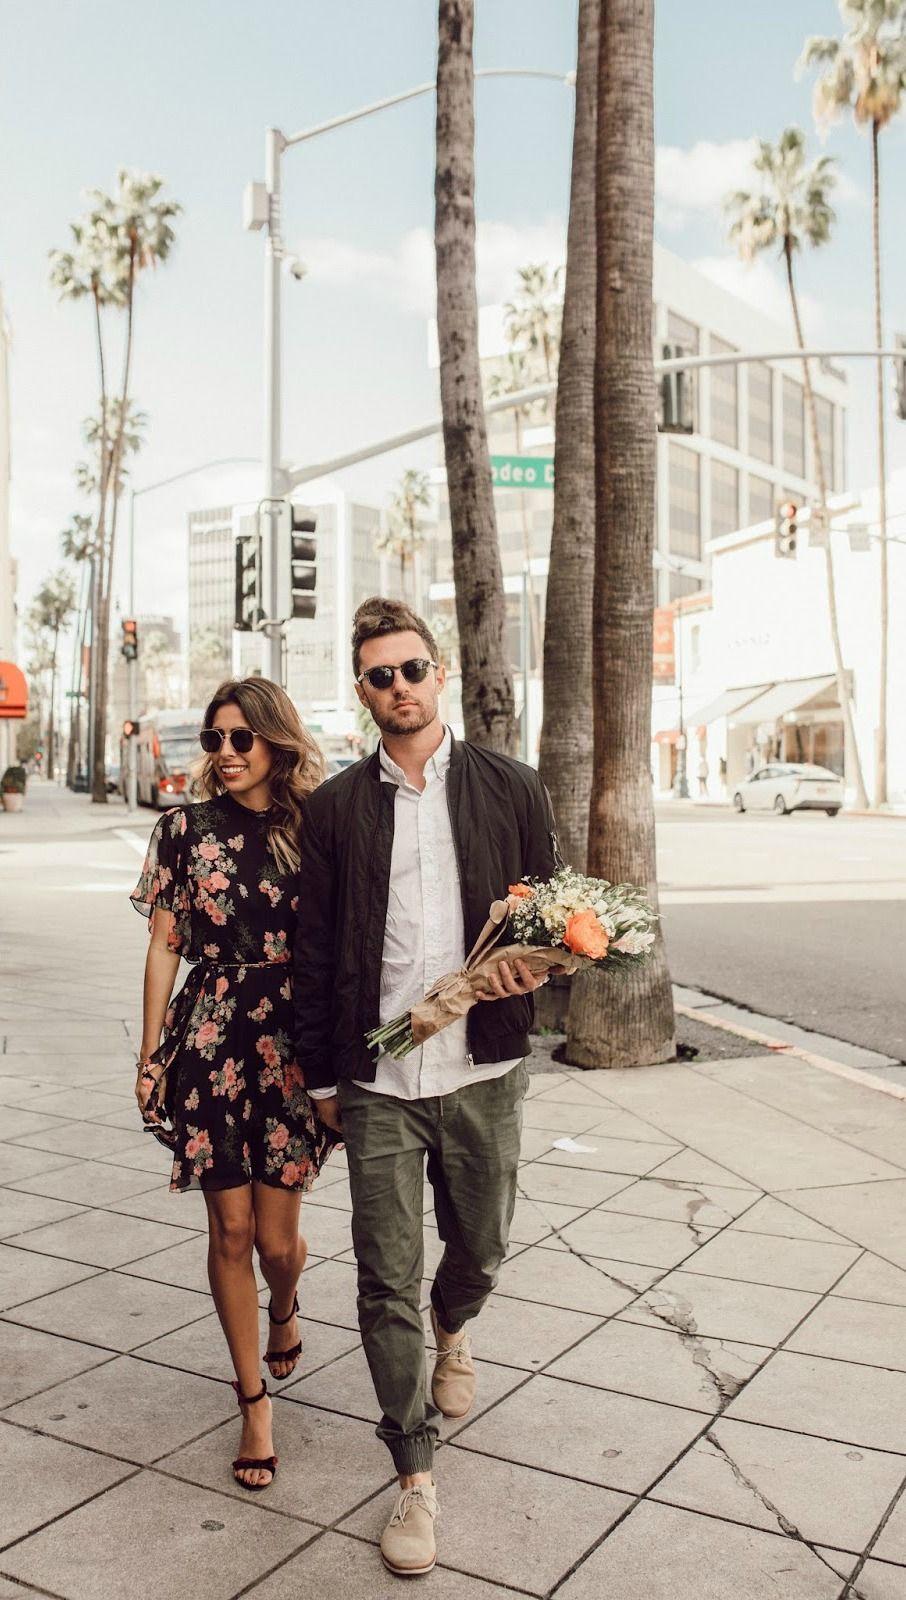 Nerd dating NYC